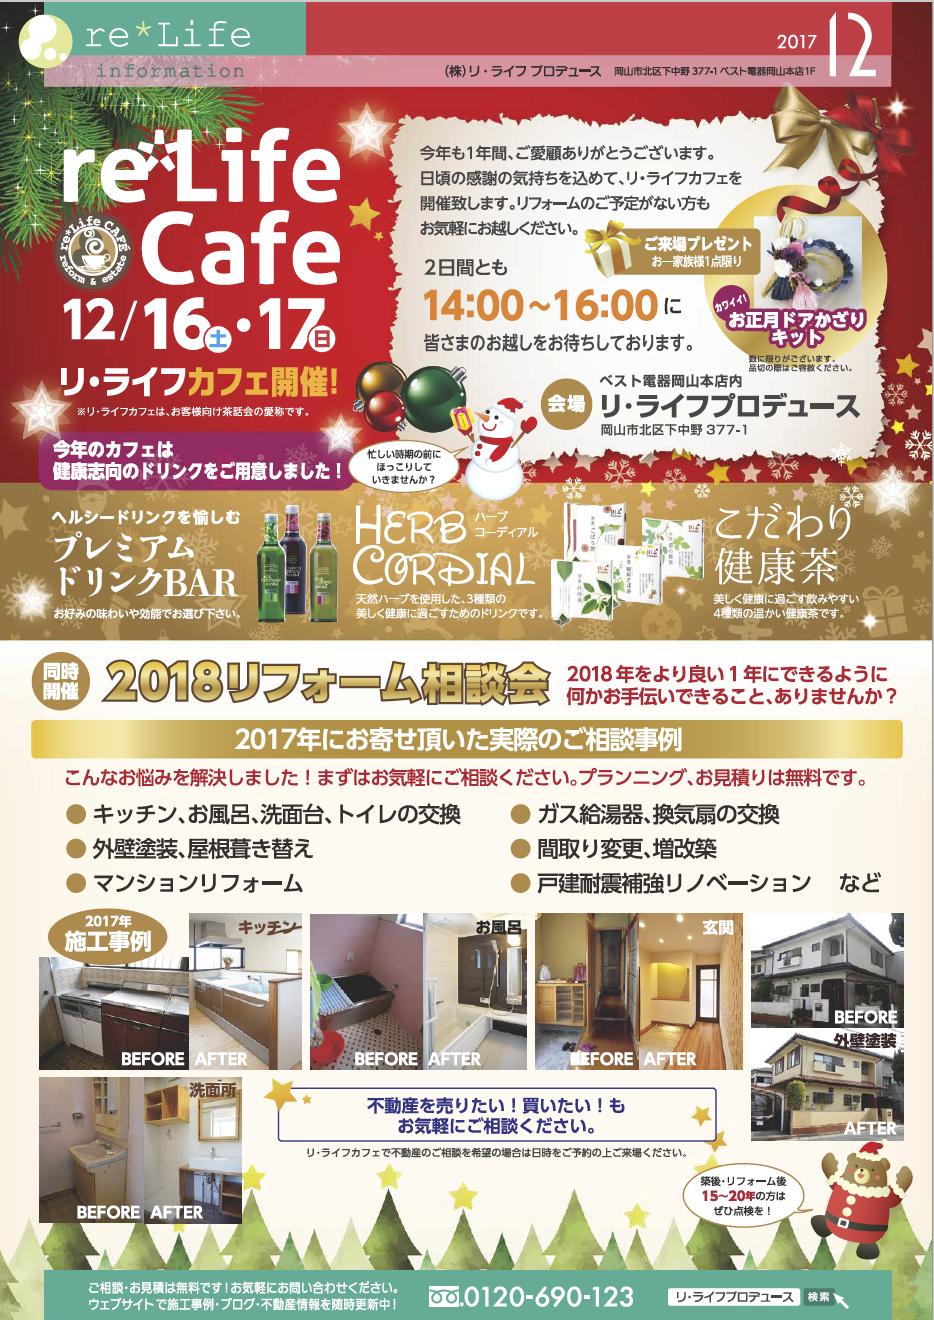 12月16日(土)・17日(日)リ・ライフカフェ開催!